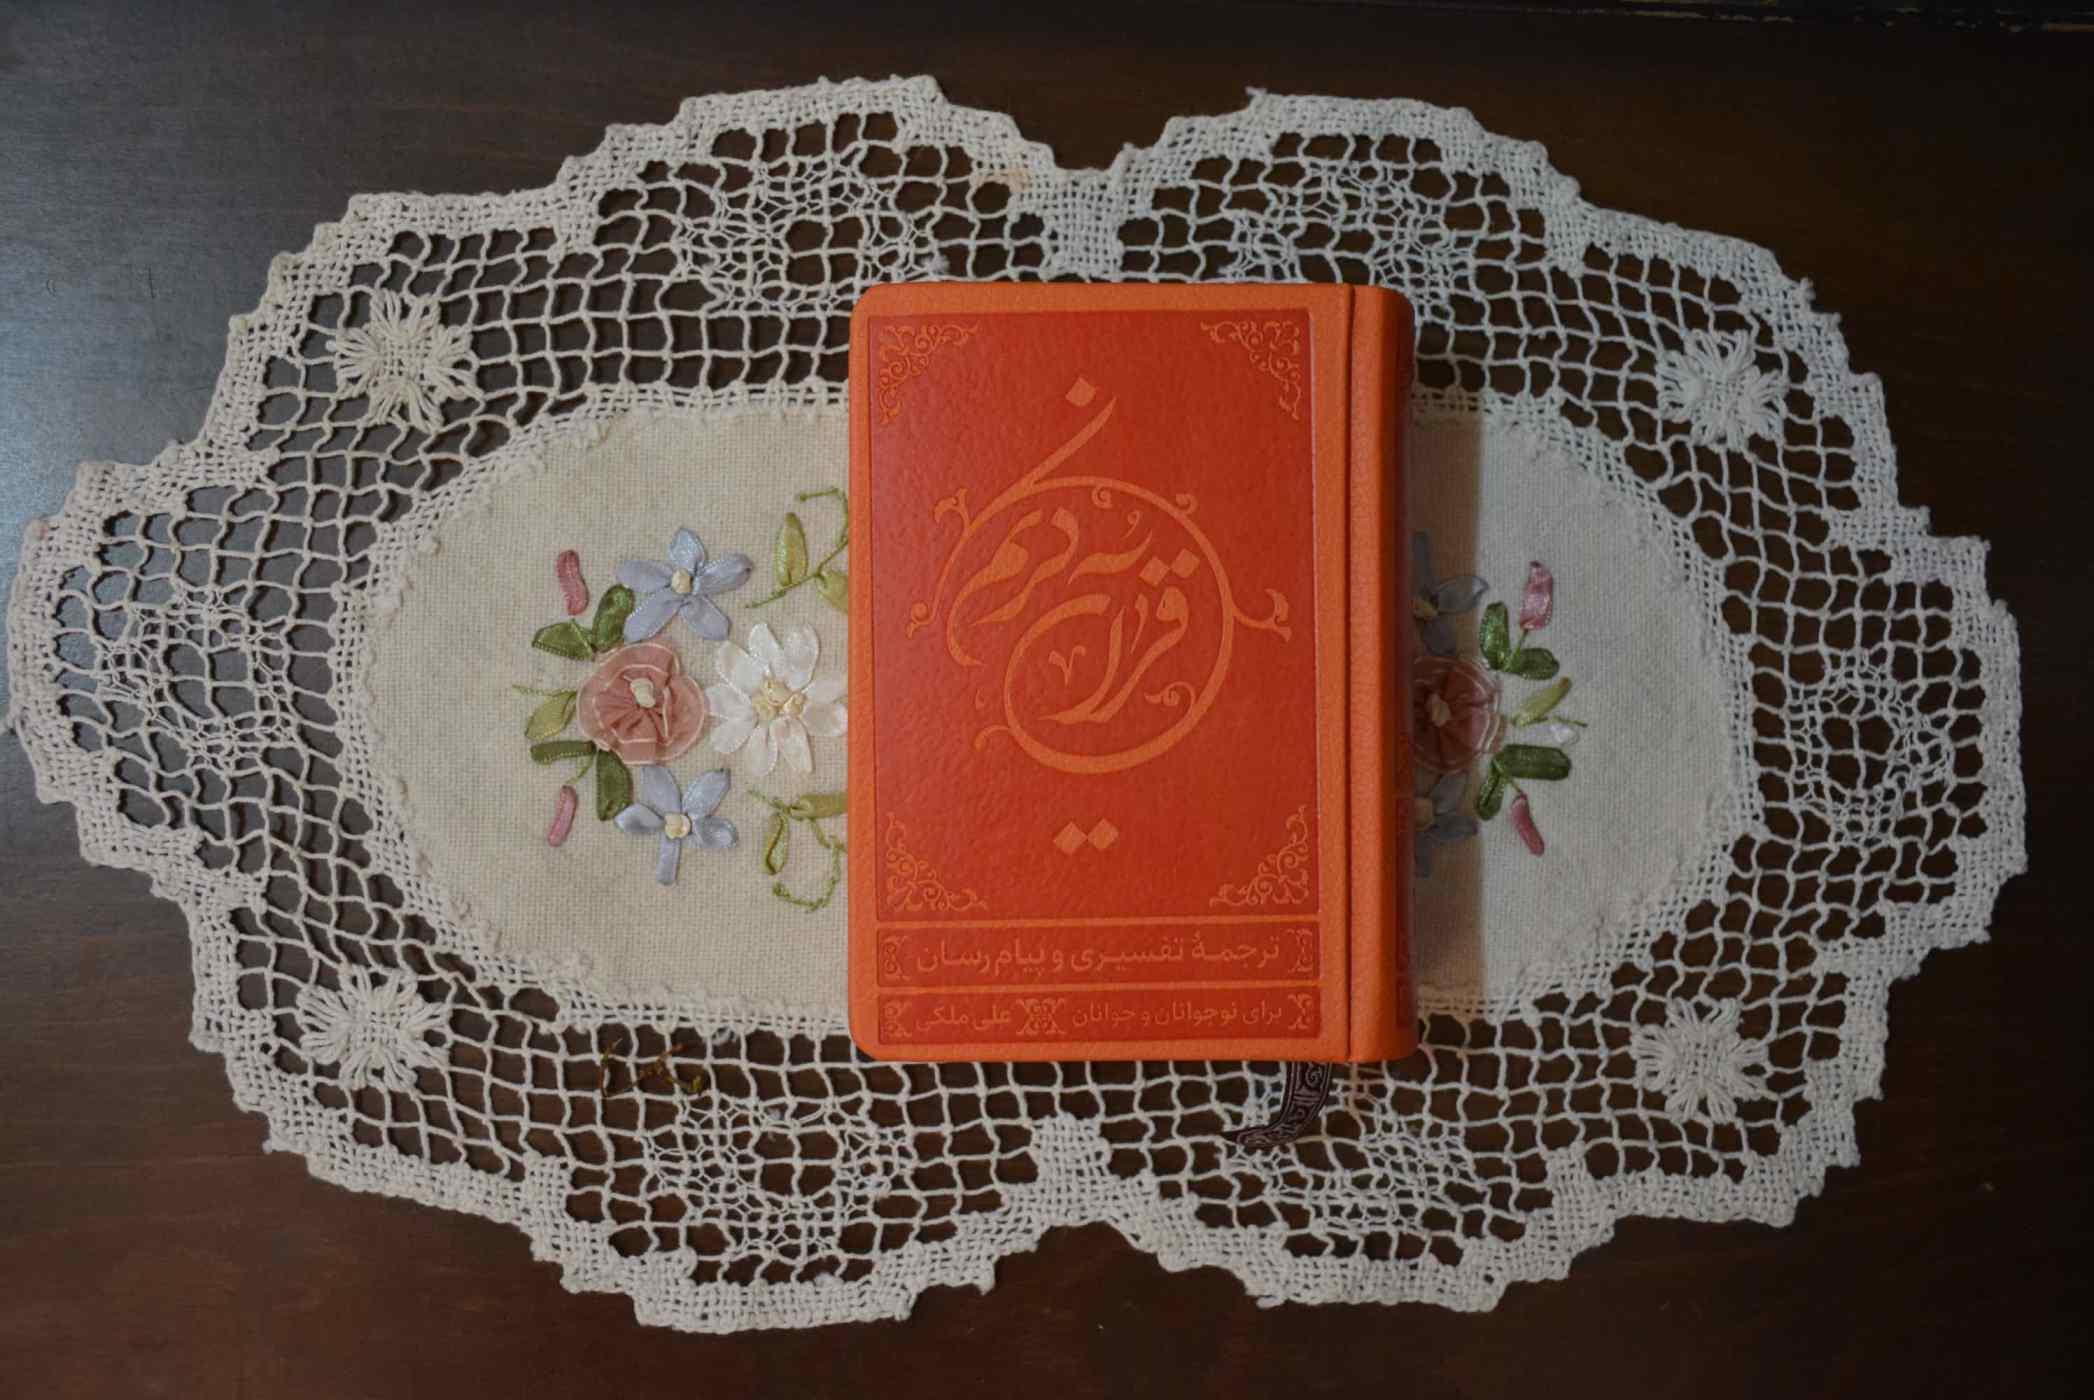 ترجمه قرآن-قرآن رنگی-ترجمه خواندنی قرآن-علی ملکی-ویراستاران